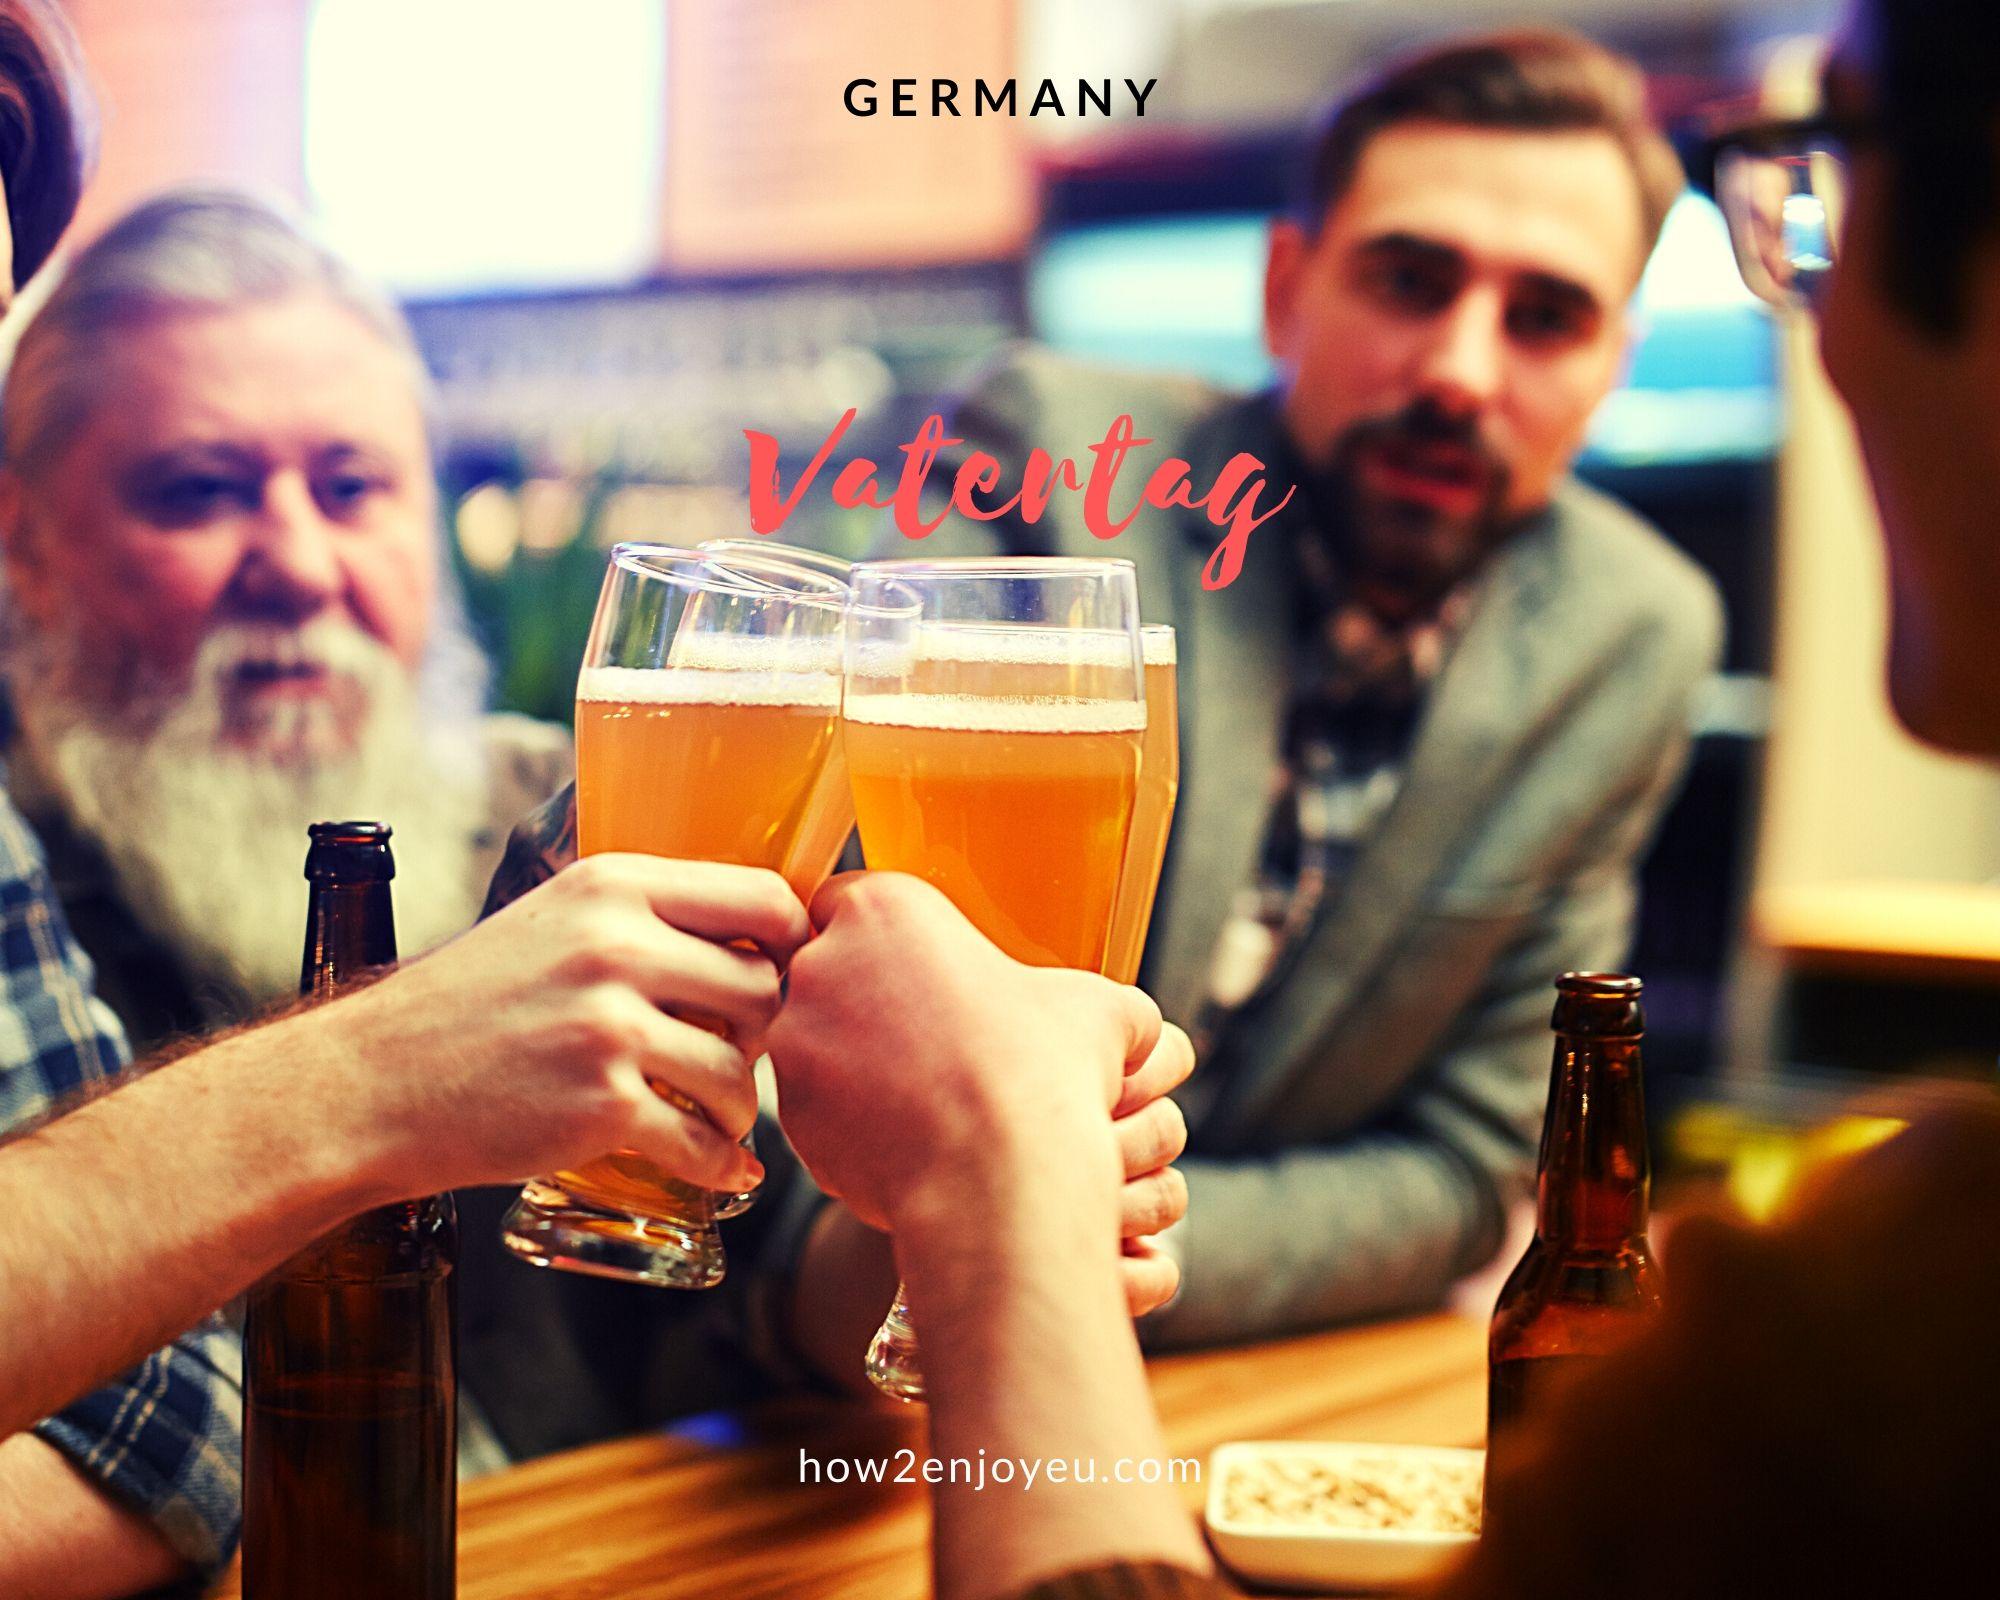 今日はドイツの「父の日」、プレゼント代わりにお父さん達がするのは・・・